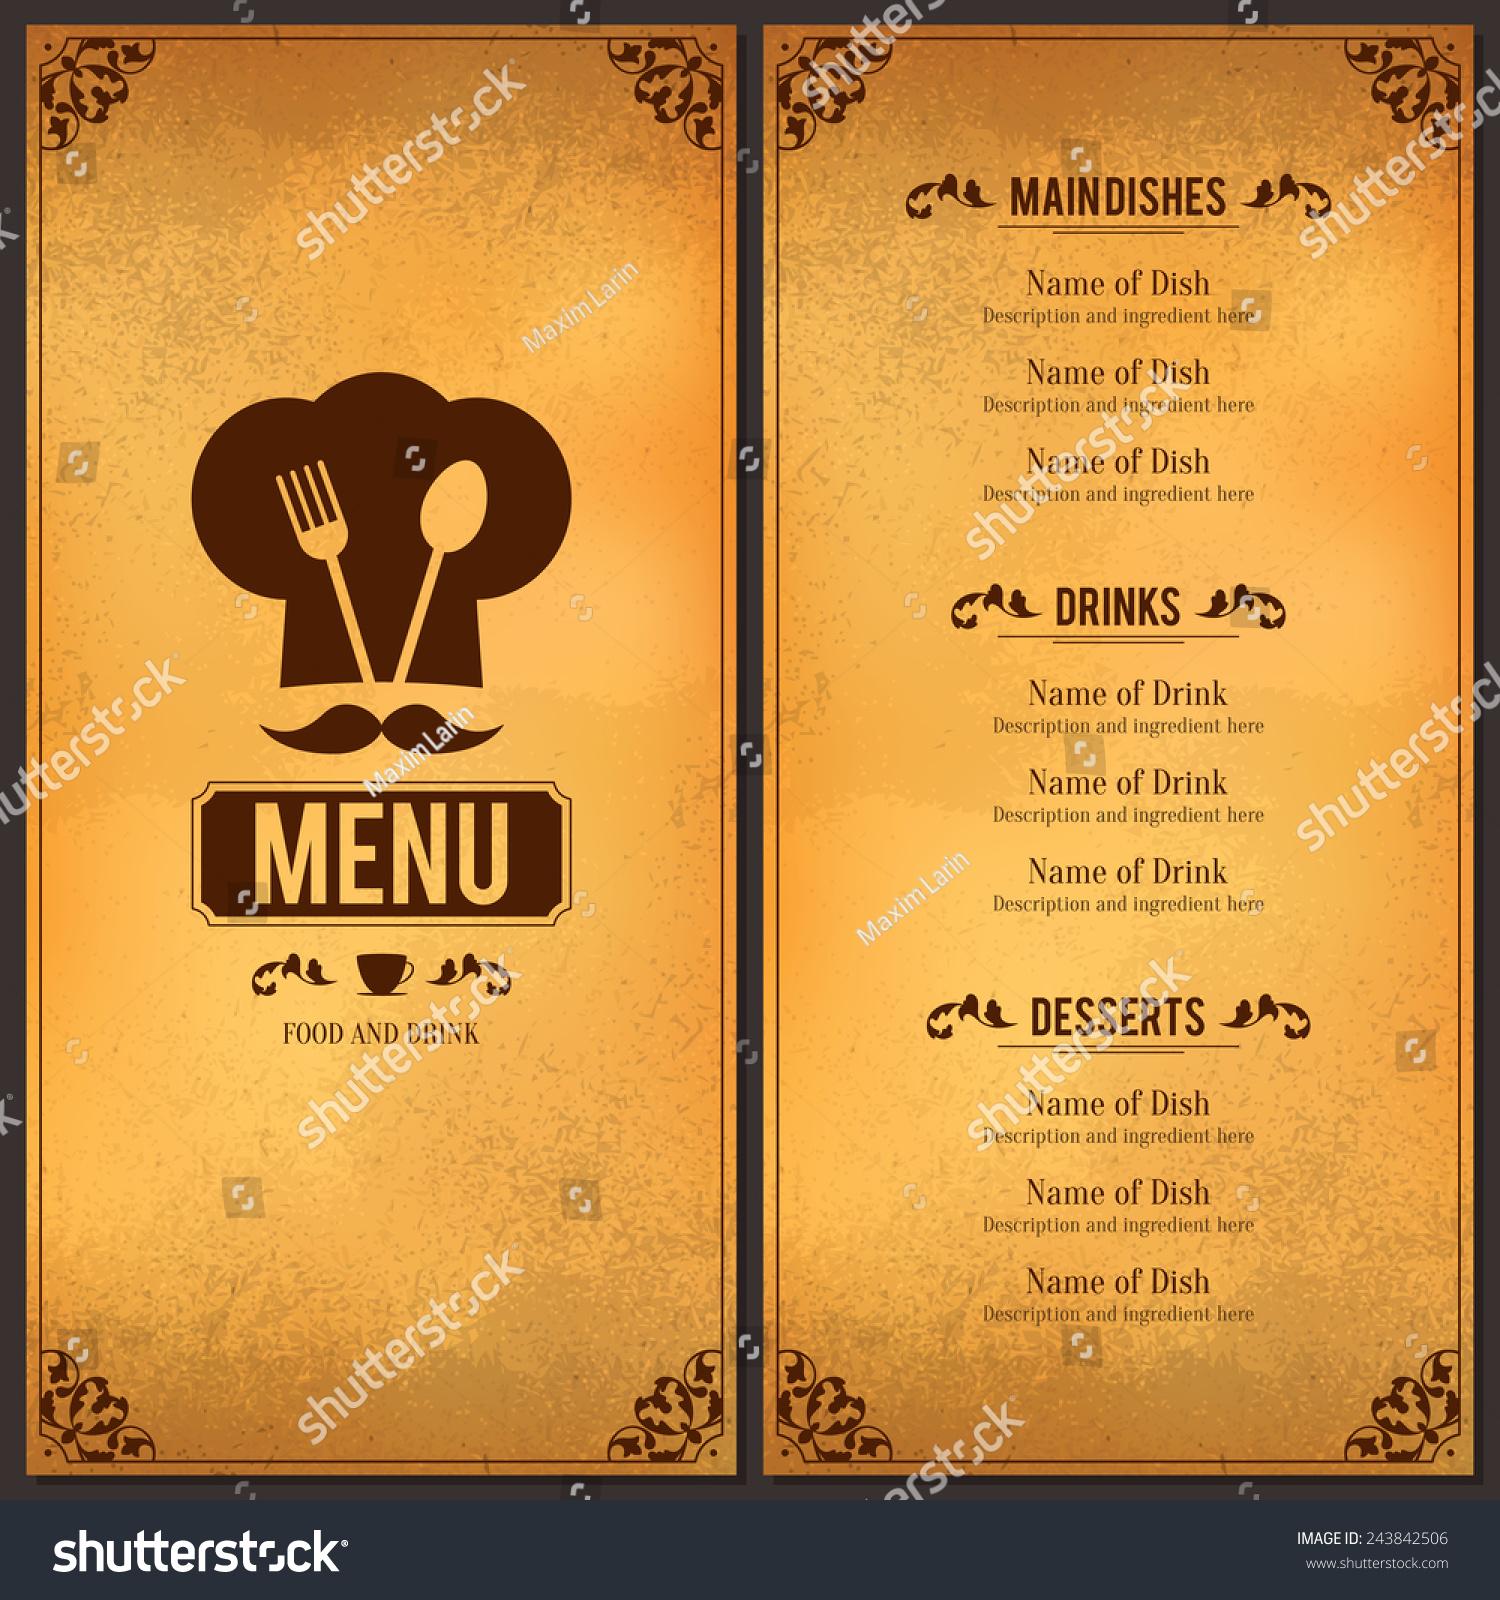 Restaurant Menu Design Vector Menu Brochure Stock Vector - Restaurant brochure template